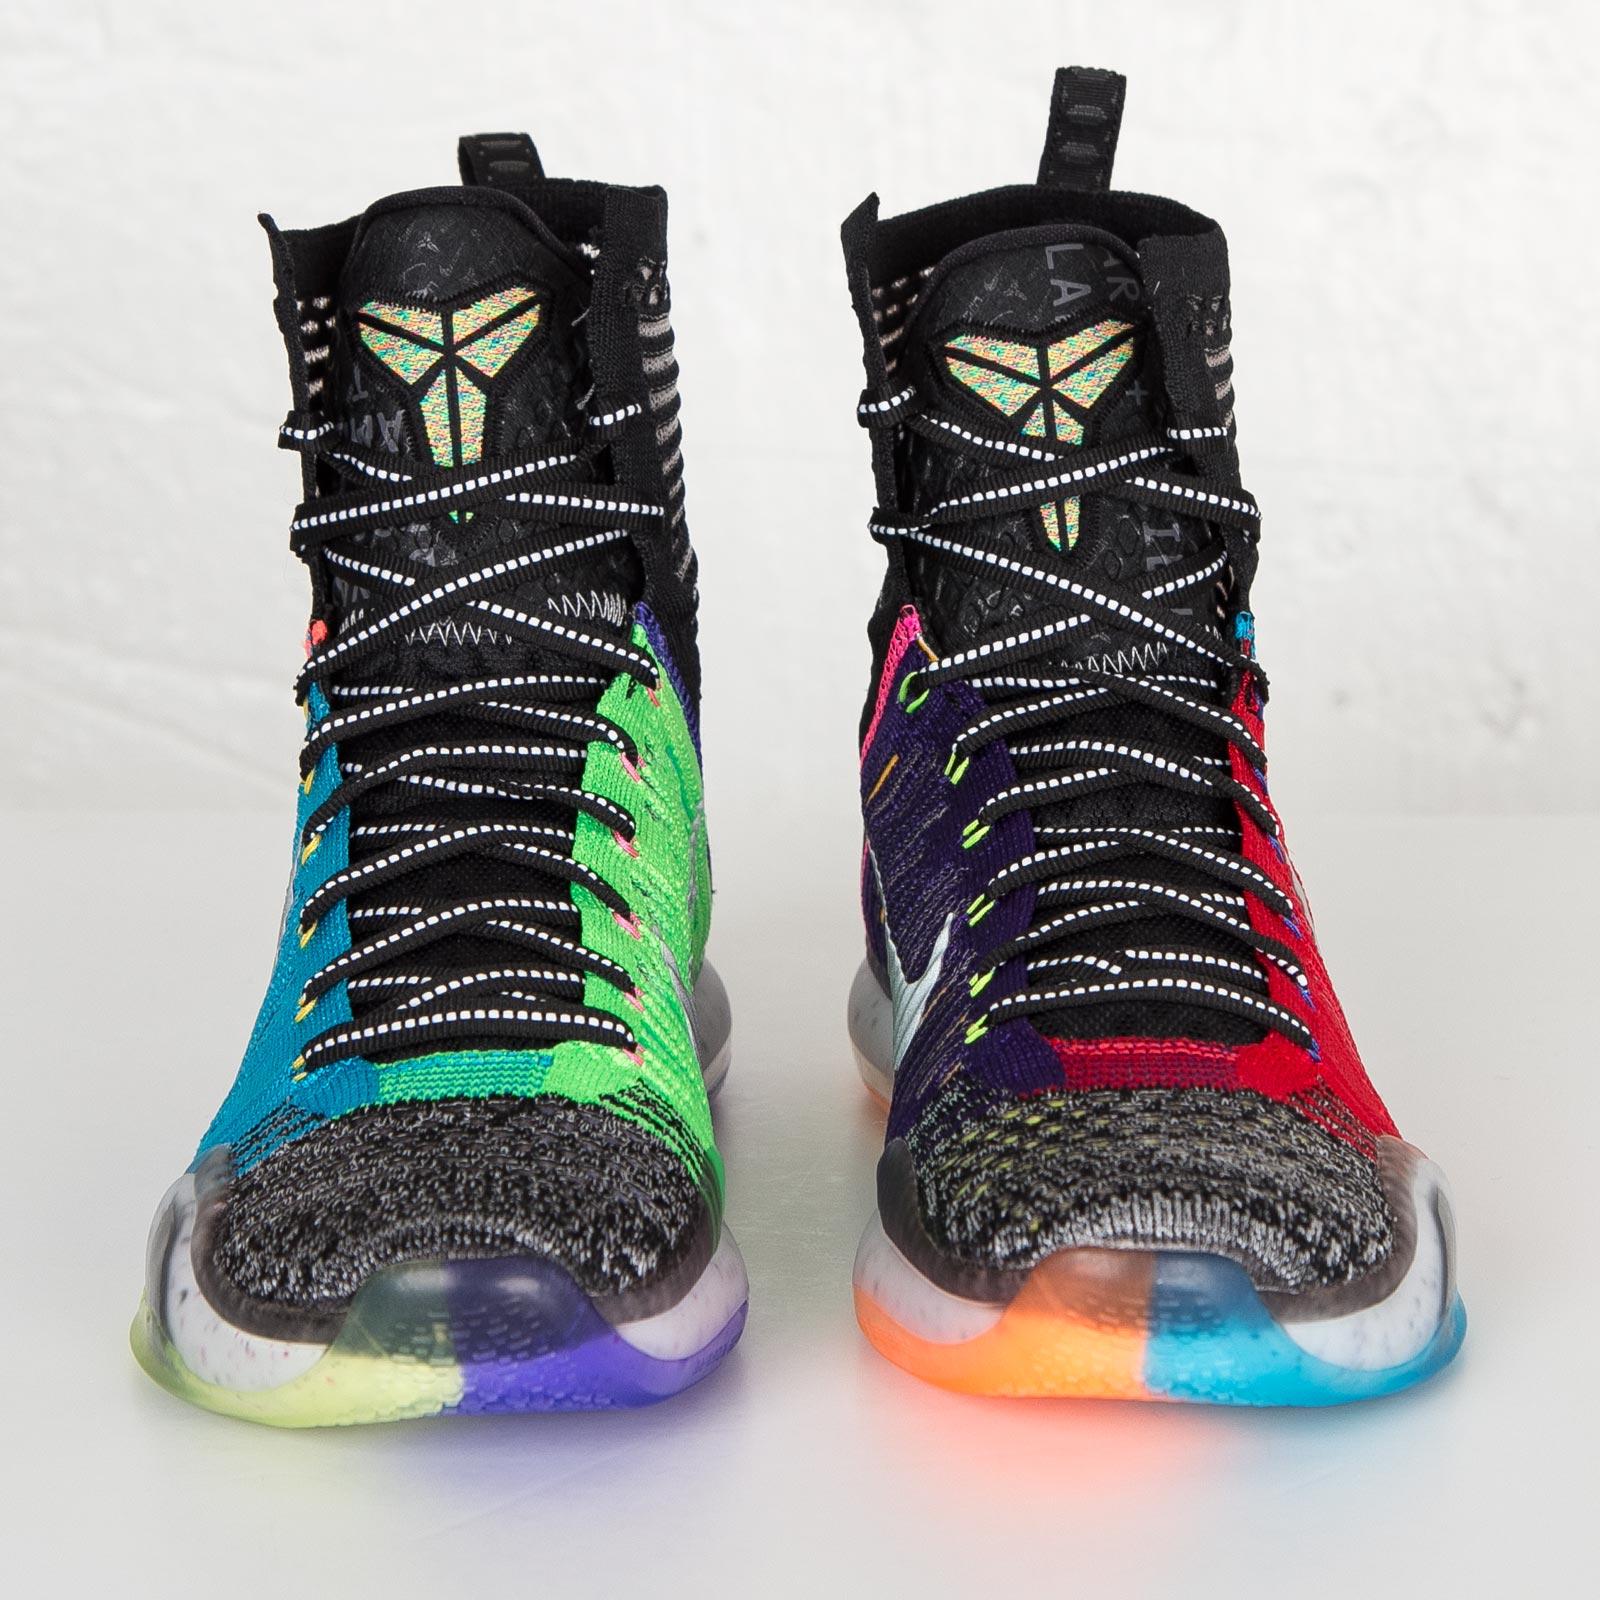 new style 15b8b 6e0df Nike Kobe X Elite SE - 815810-900 - Sneakersnstuff   sneakers   streetwear  online since 1999